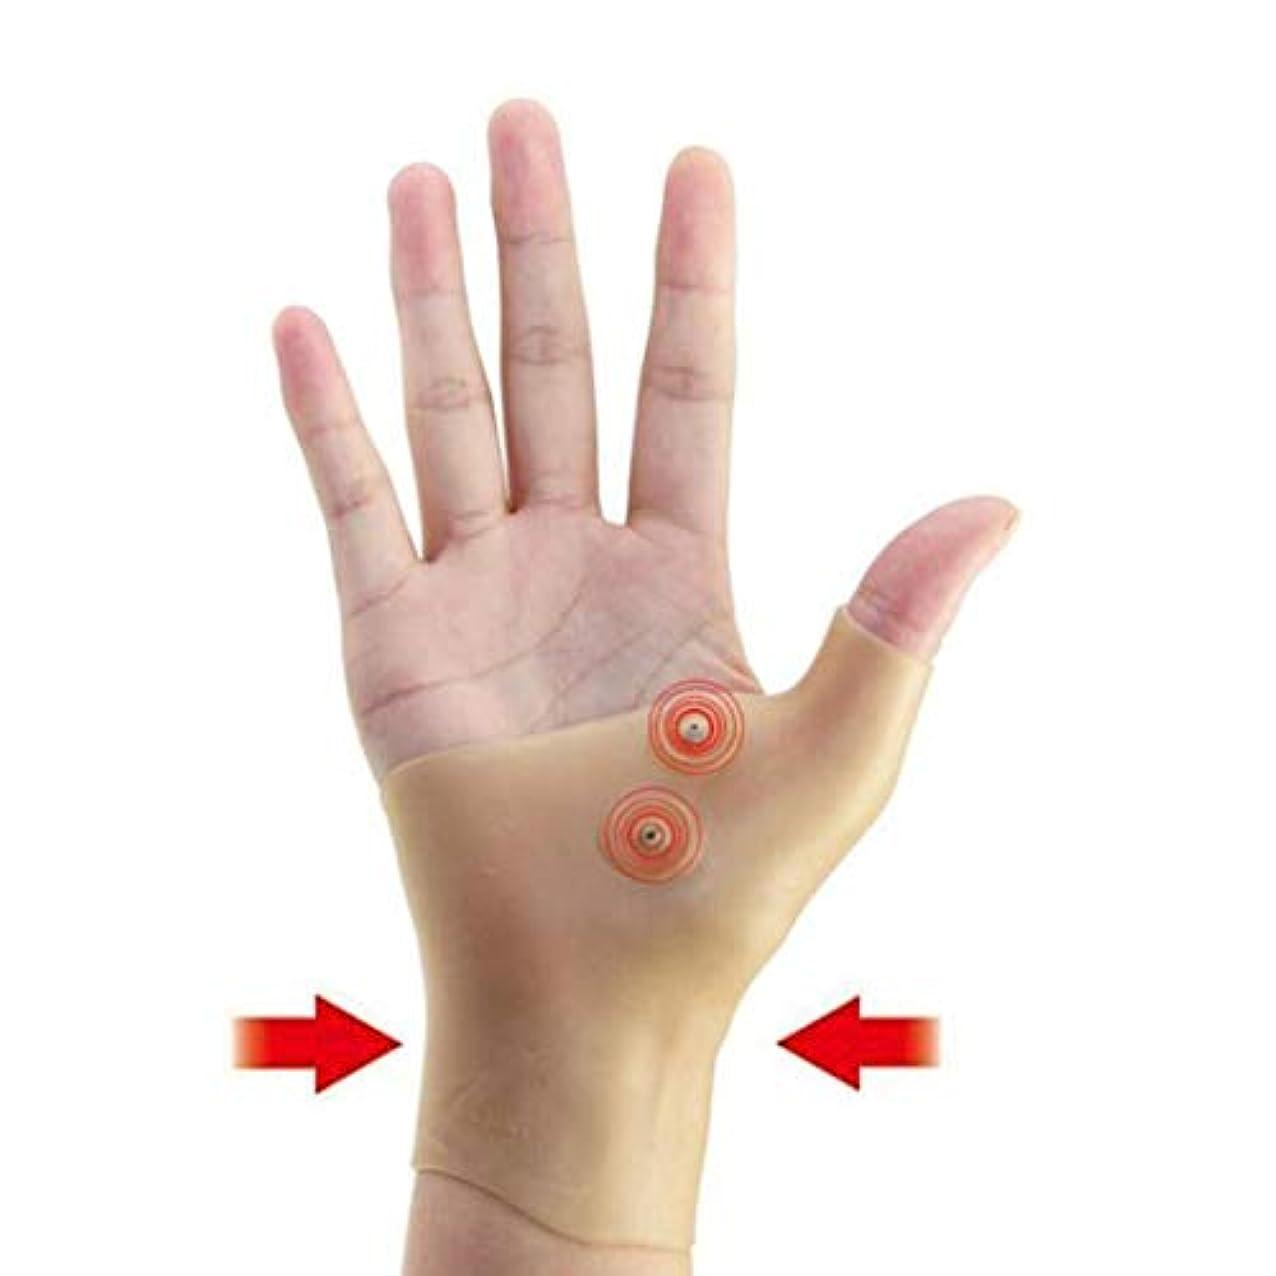 新聞ミュートインディカ磁気療法手首手親指サポート手袋シリコーンゲル関節炎圧力矯正器マッサージ痛み緩和手袋 - 肌の色